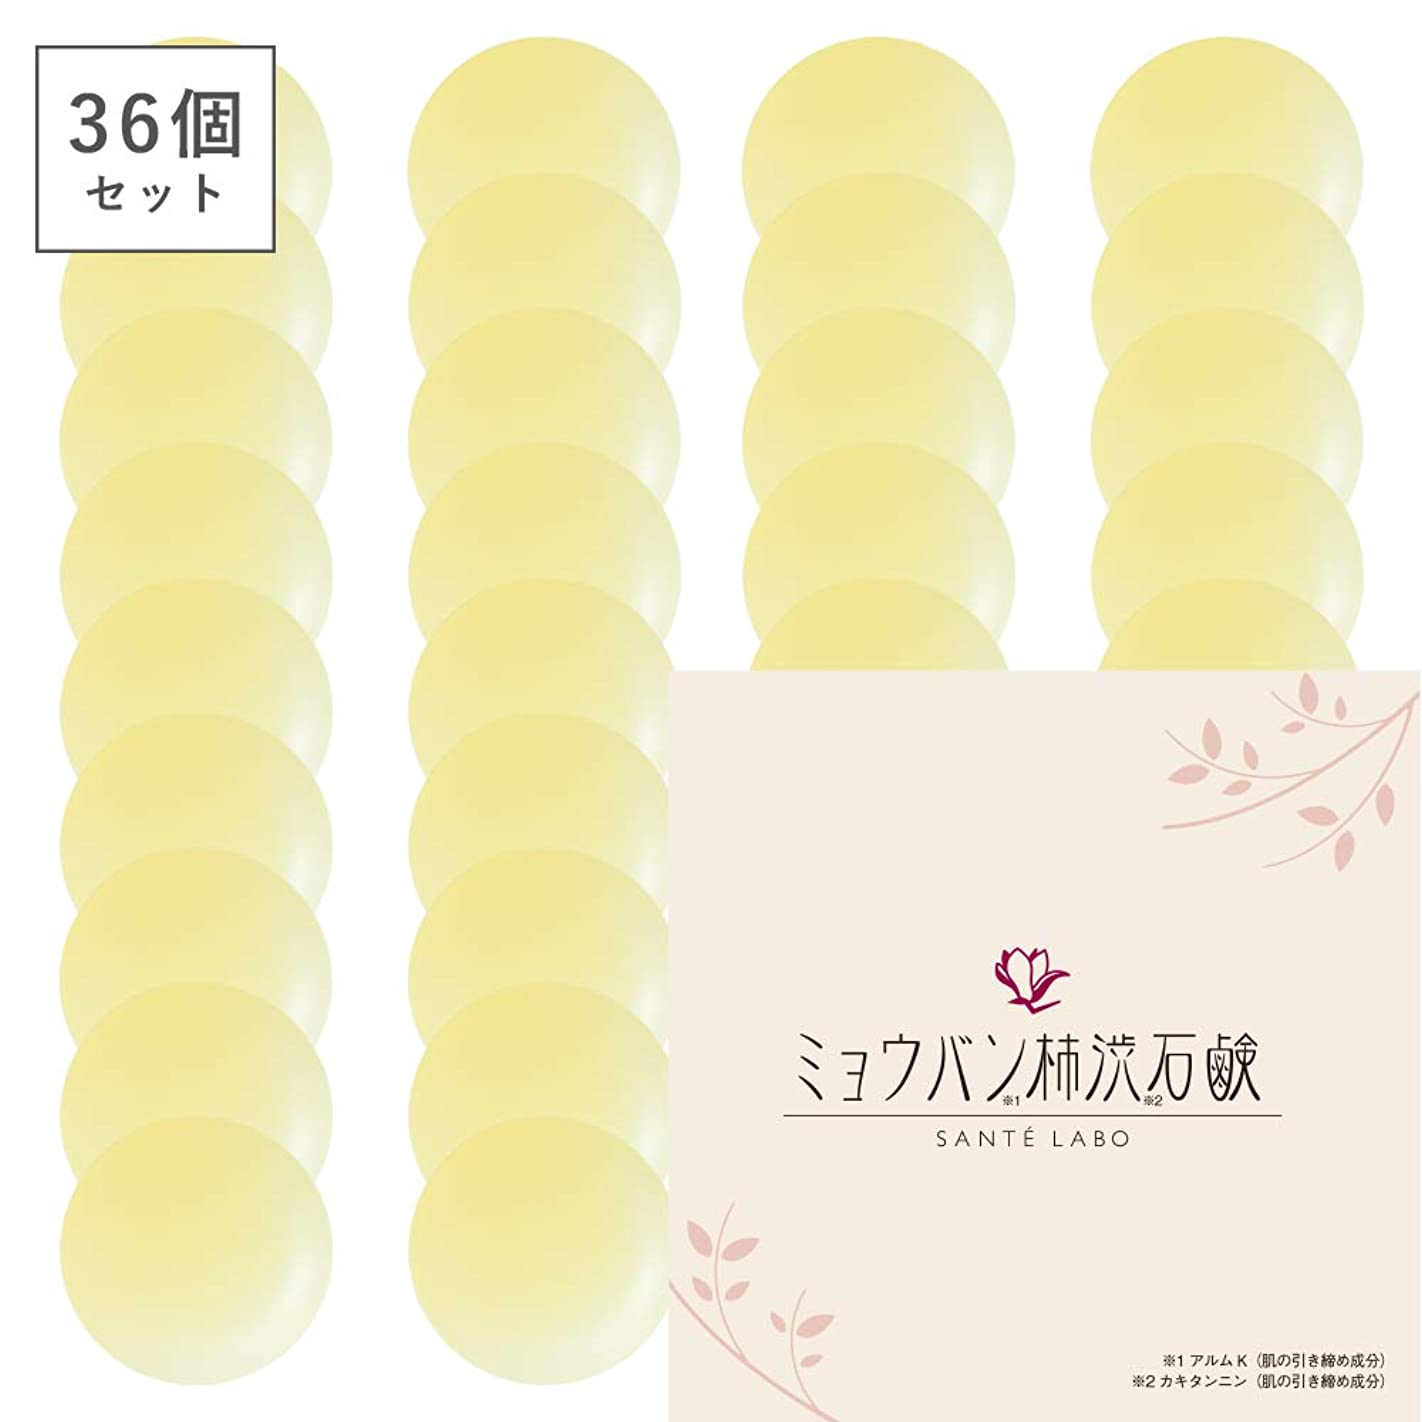 オプショナル守る予感【36個セット】ミョウバン柿渋石鹸(ナチュラルクリアソープ) (36個)